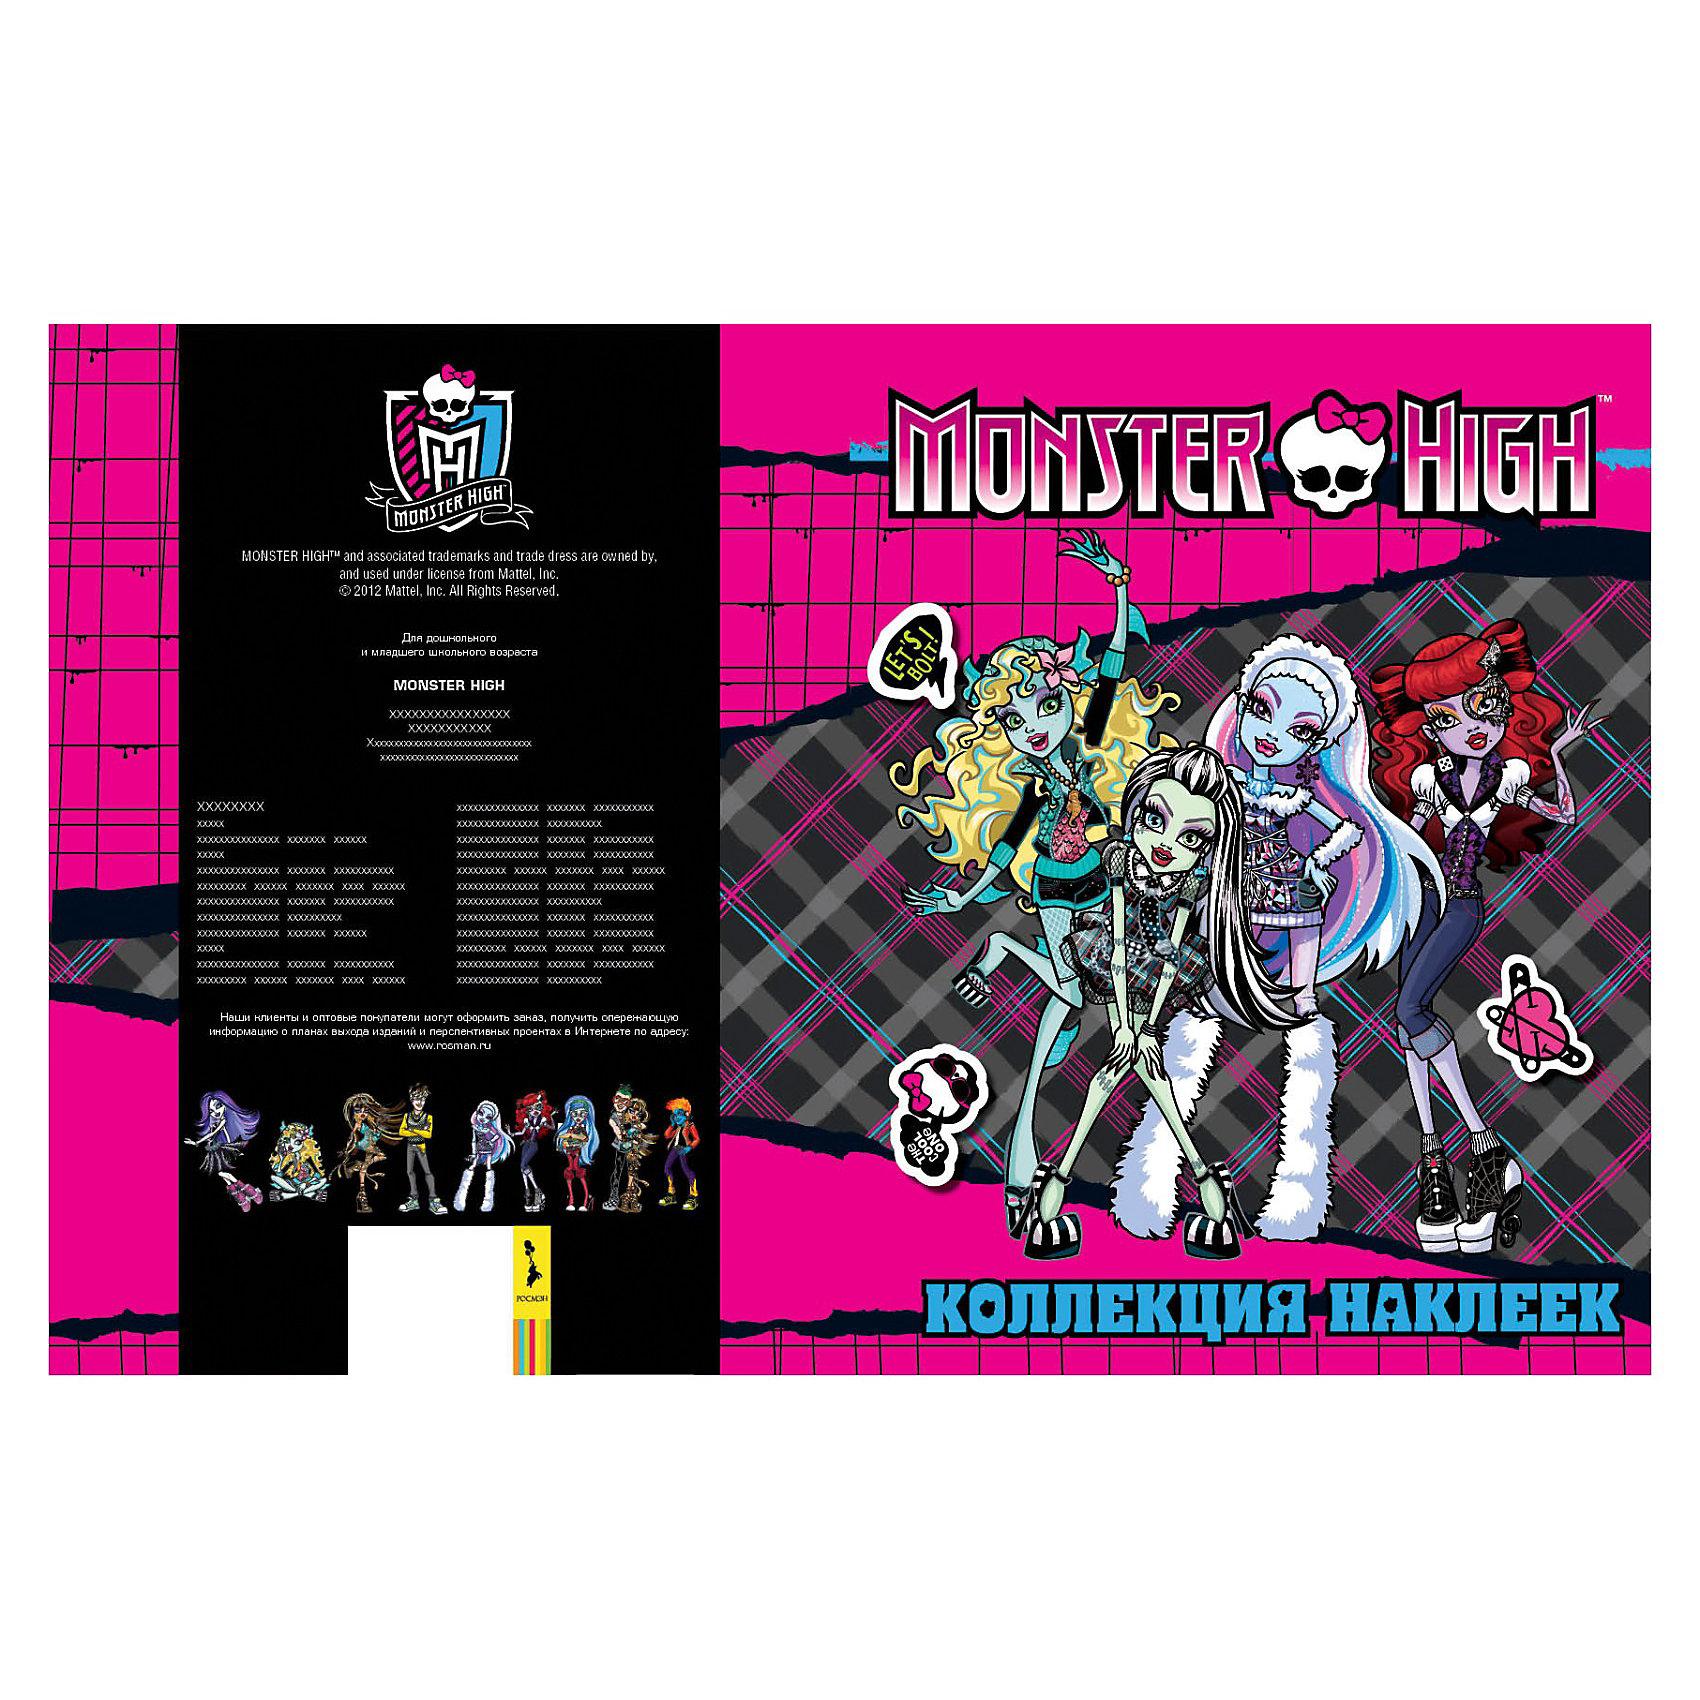 Росмэн Коллекция наклеек , розовая, Monster High росмэн наклейки 2 monster high